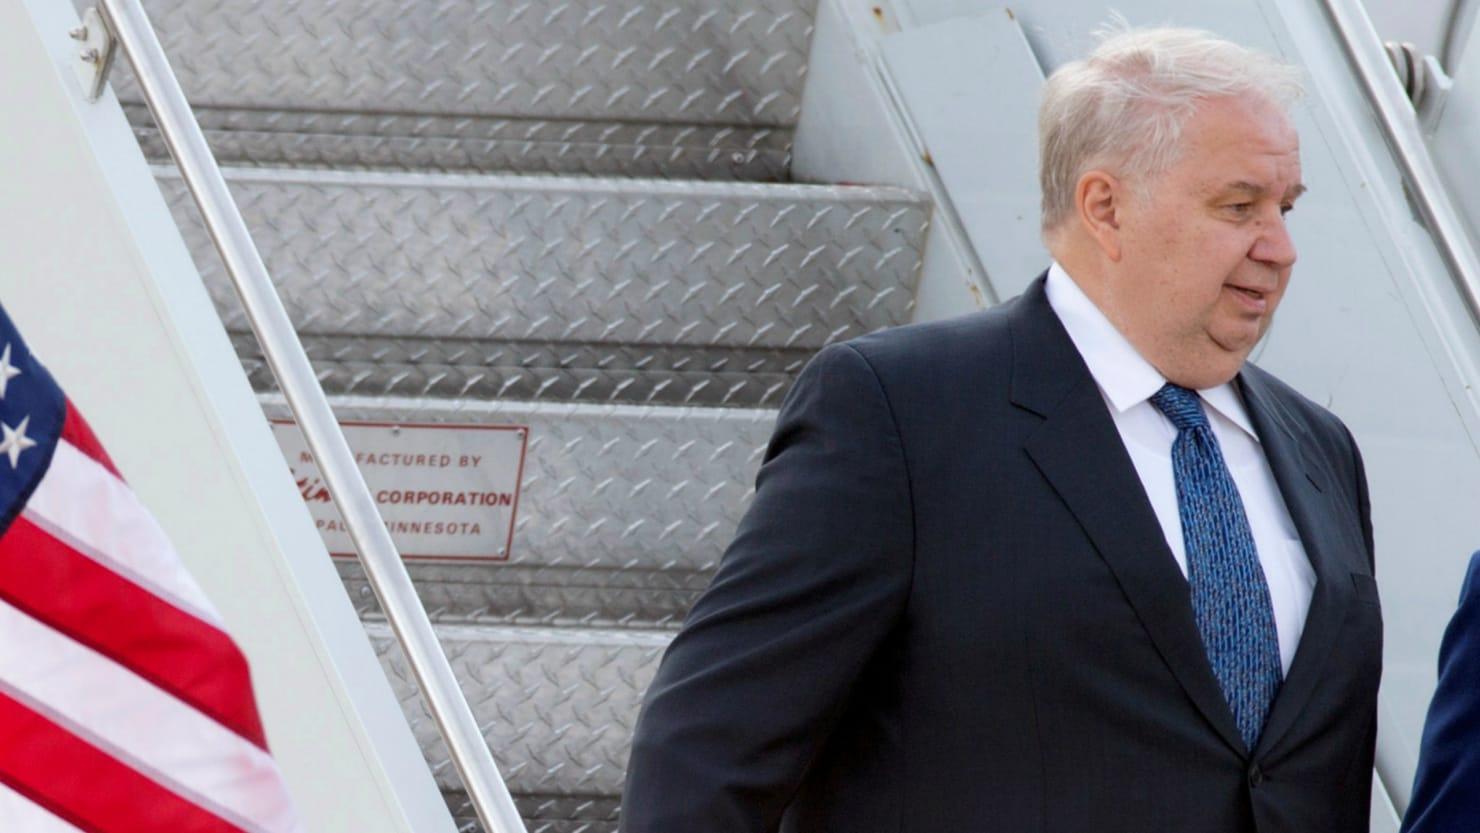 Russian Ambassador Kislyak